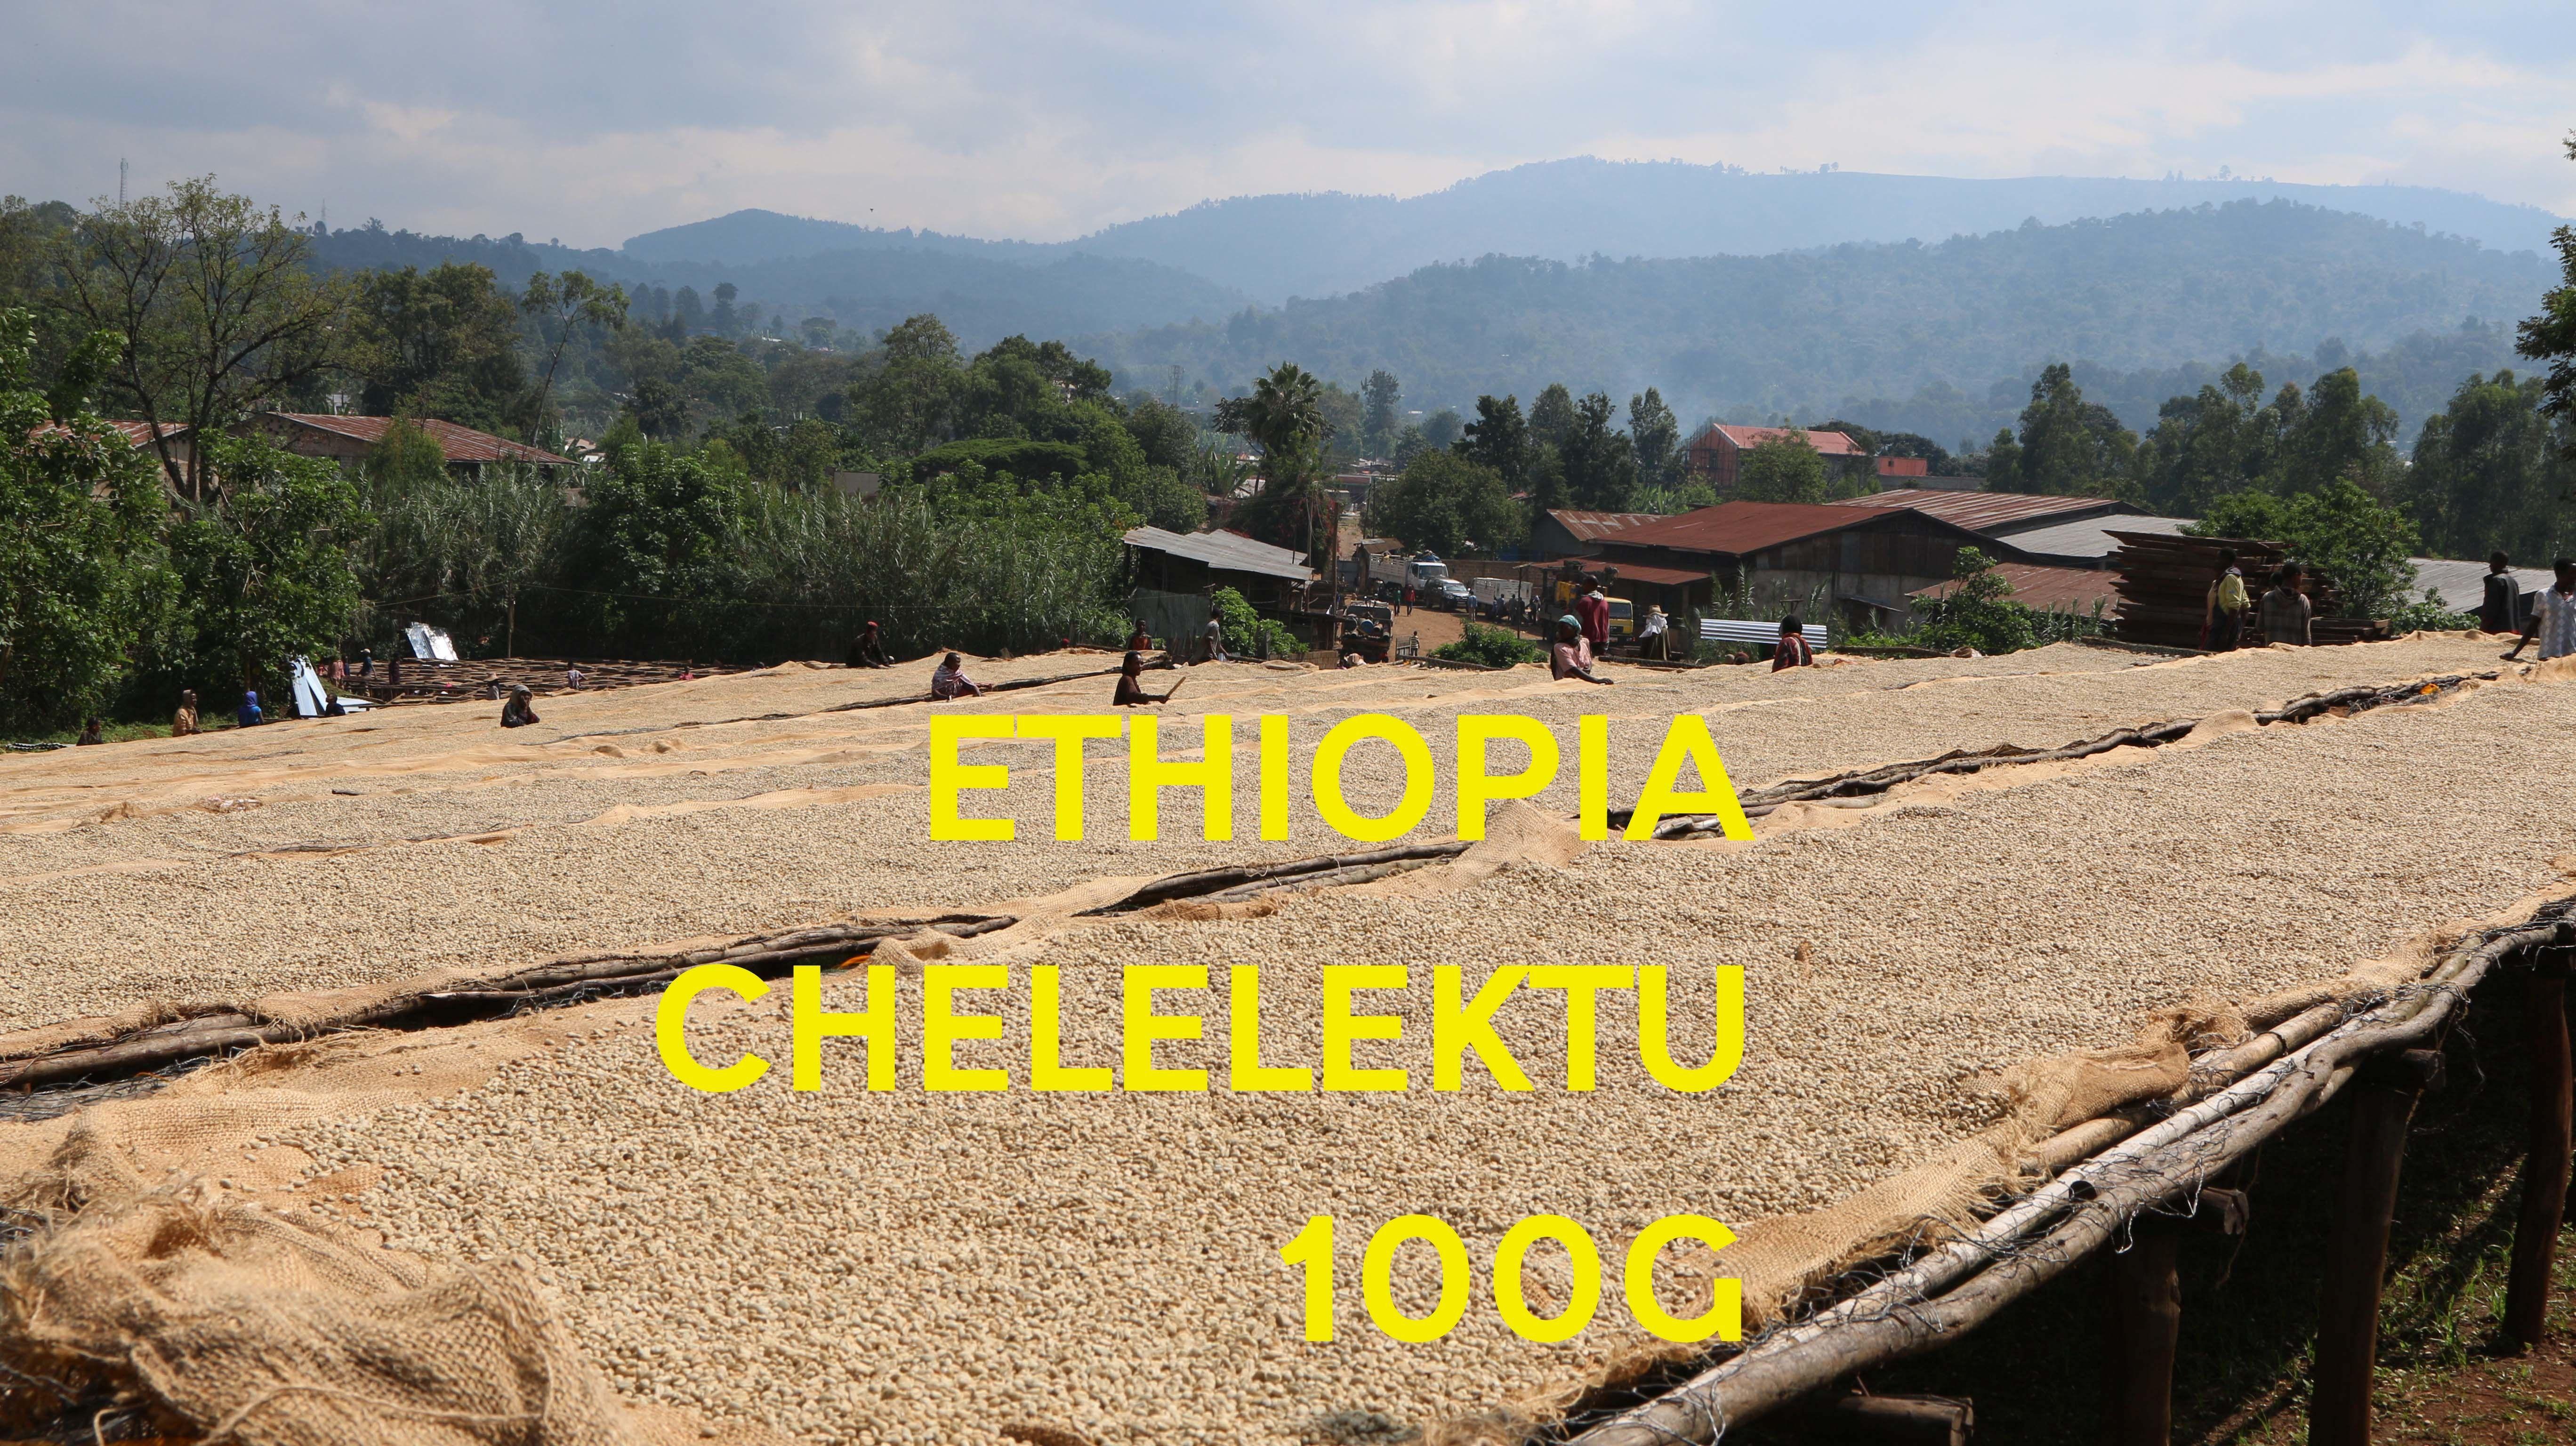 【SPECIALTY COFFEE】100g Ethiopia Yirgachefe Chelelektu 1.600-2.000m F. W. / エチオピア イルガチェフ チェレレクトゥ F.W.